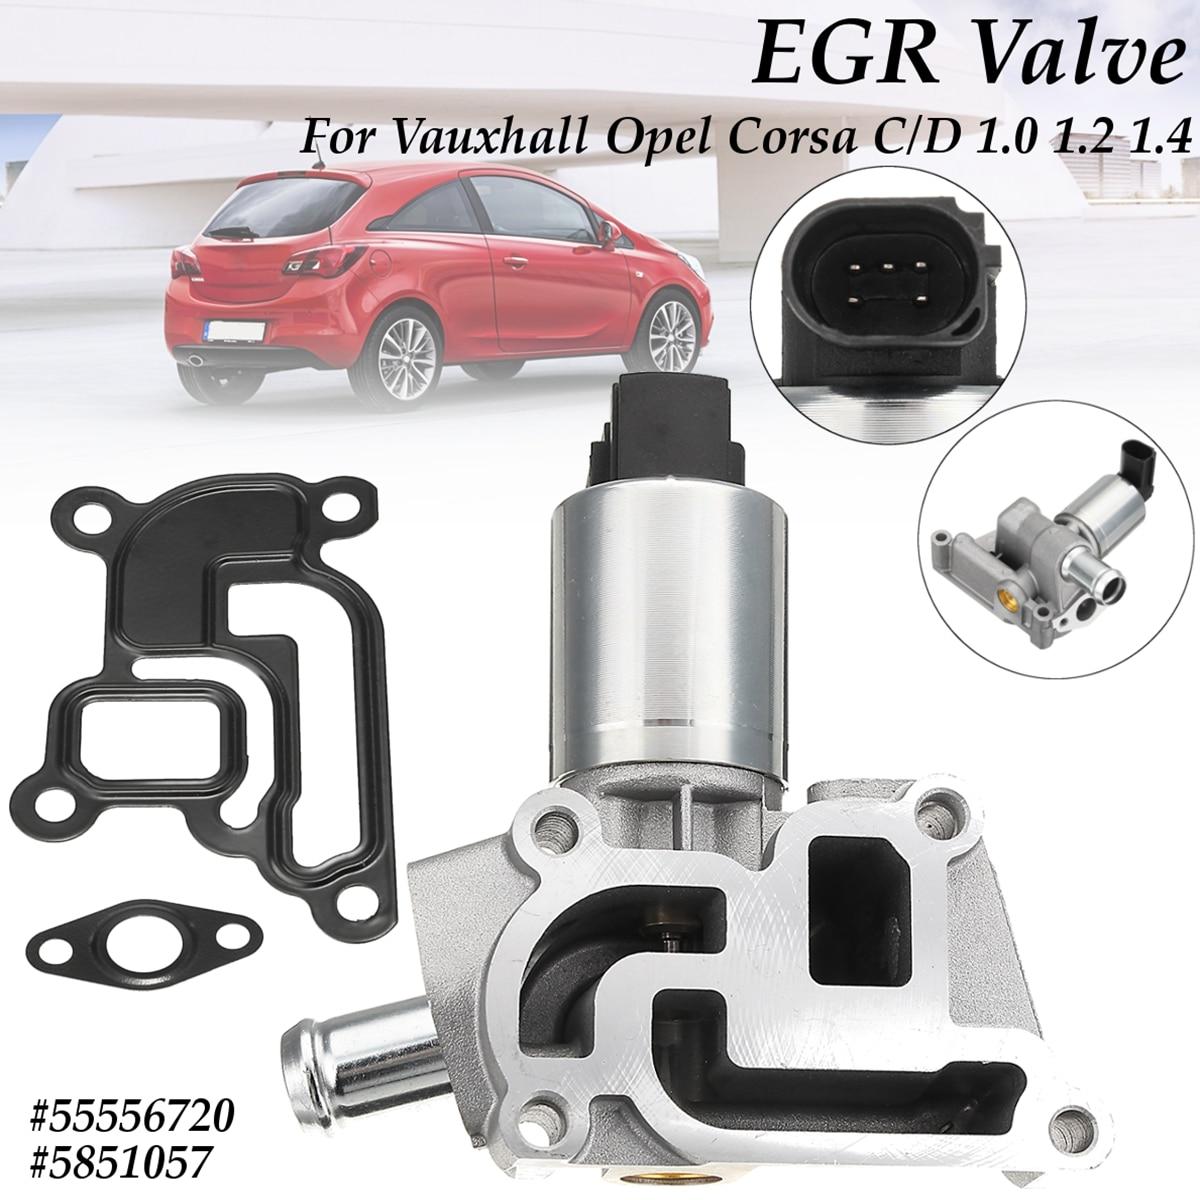 for Corsa C 2003-2015 1.0 1.2 1.4 #55556720 New for 5 Pins EGR Exhaust Valve for Vauxhall Opel Corsa D 2006-2015 брызговики передние novline opel corsa d 2006